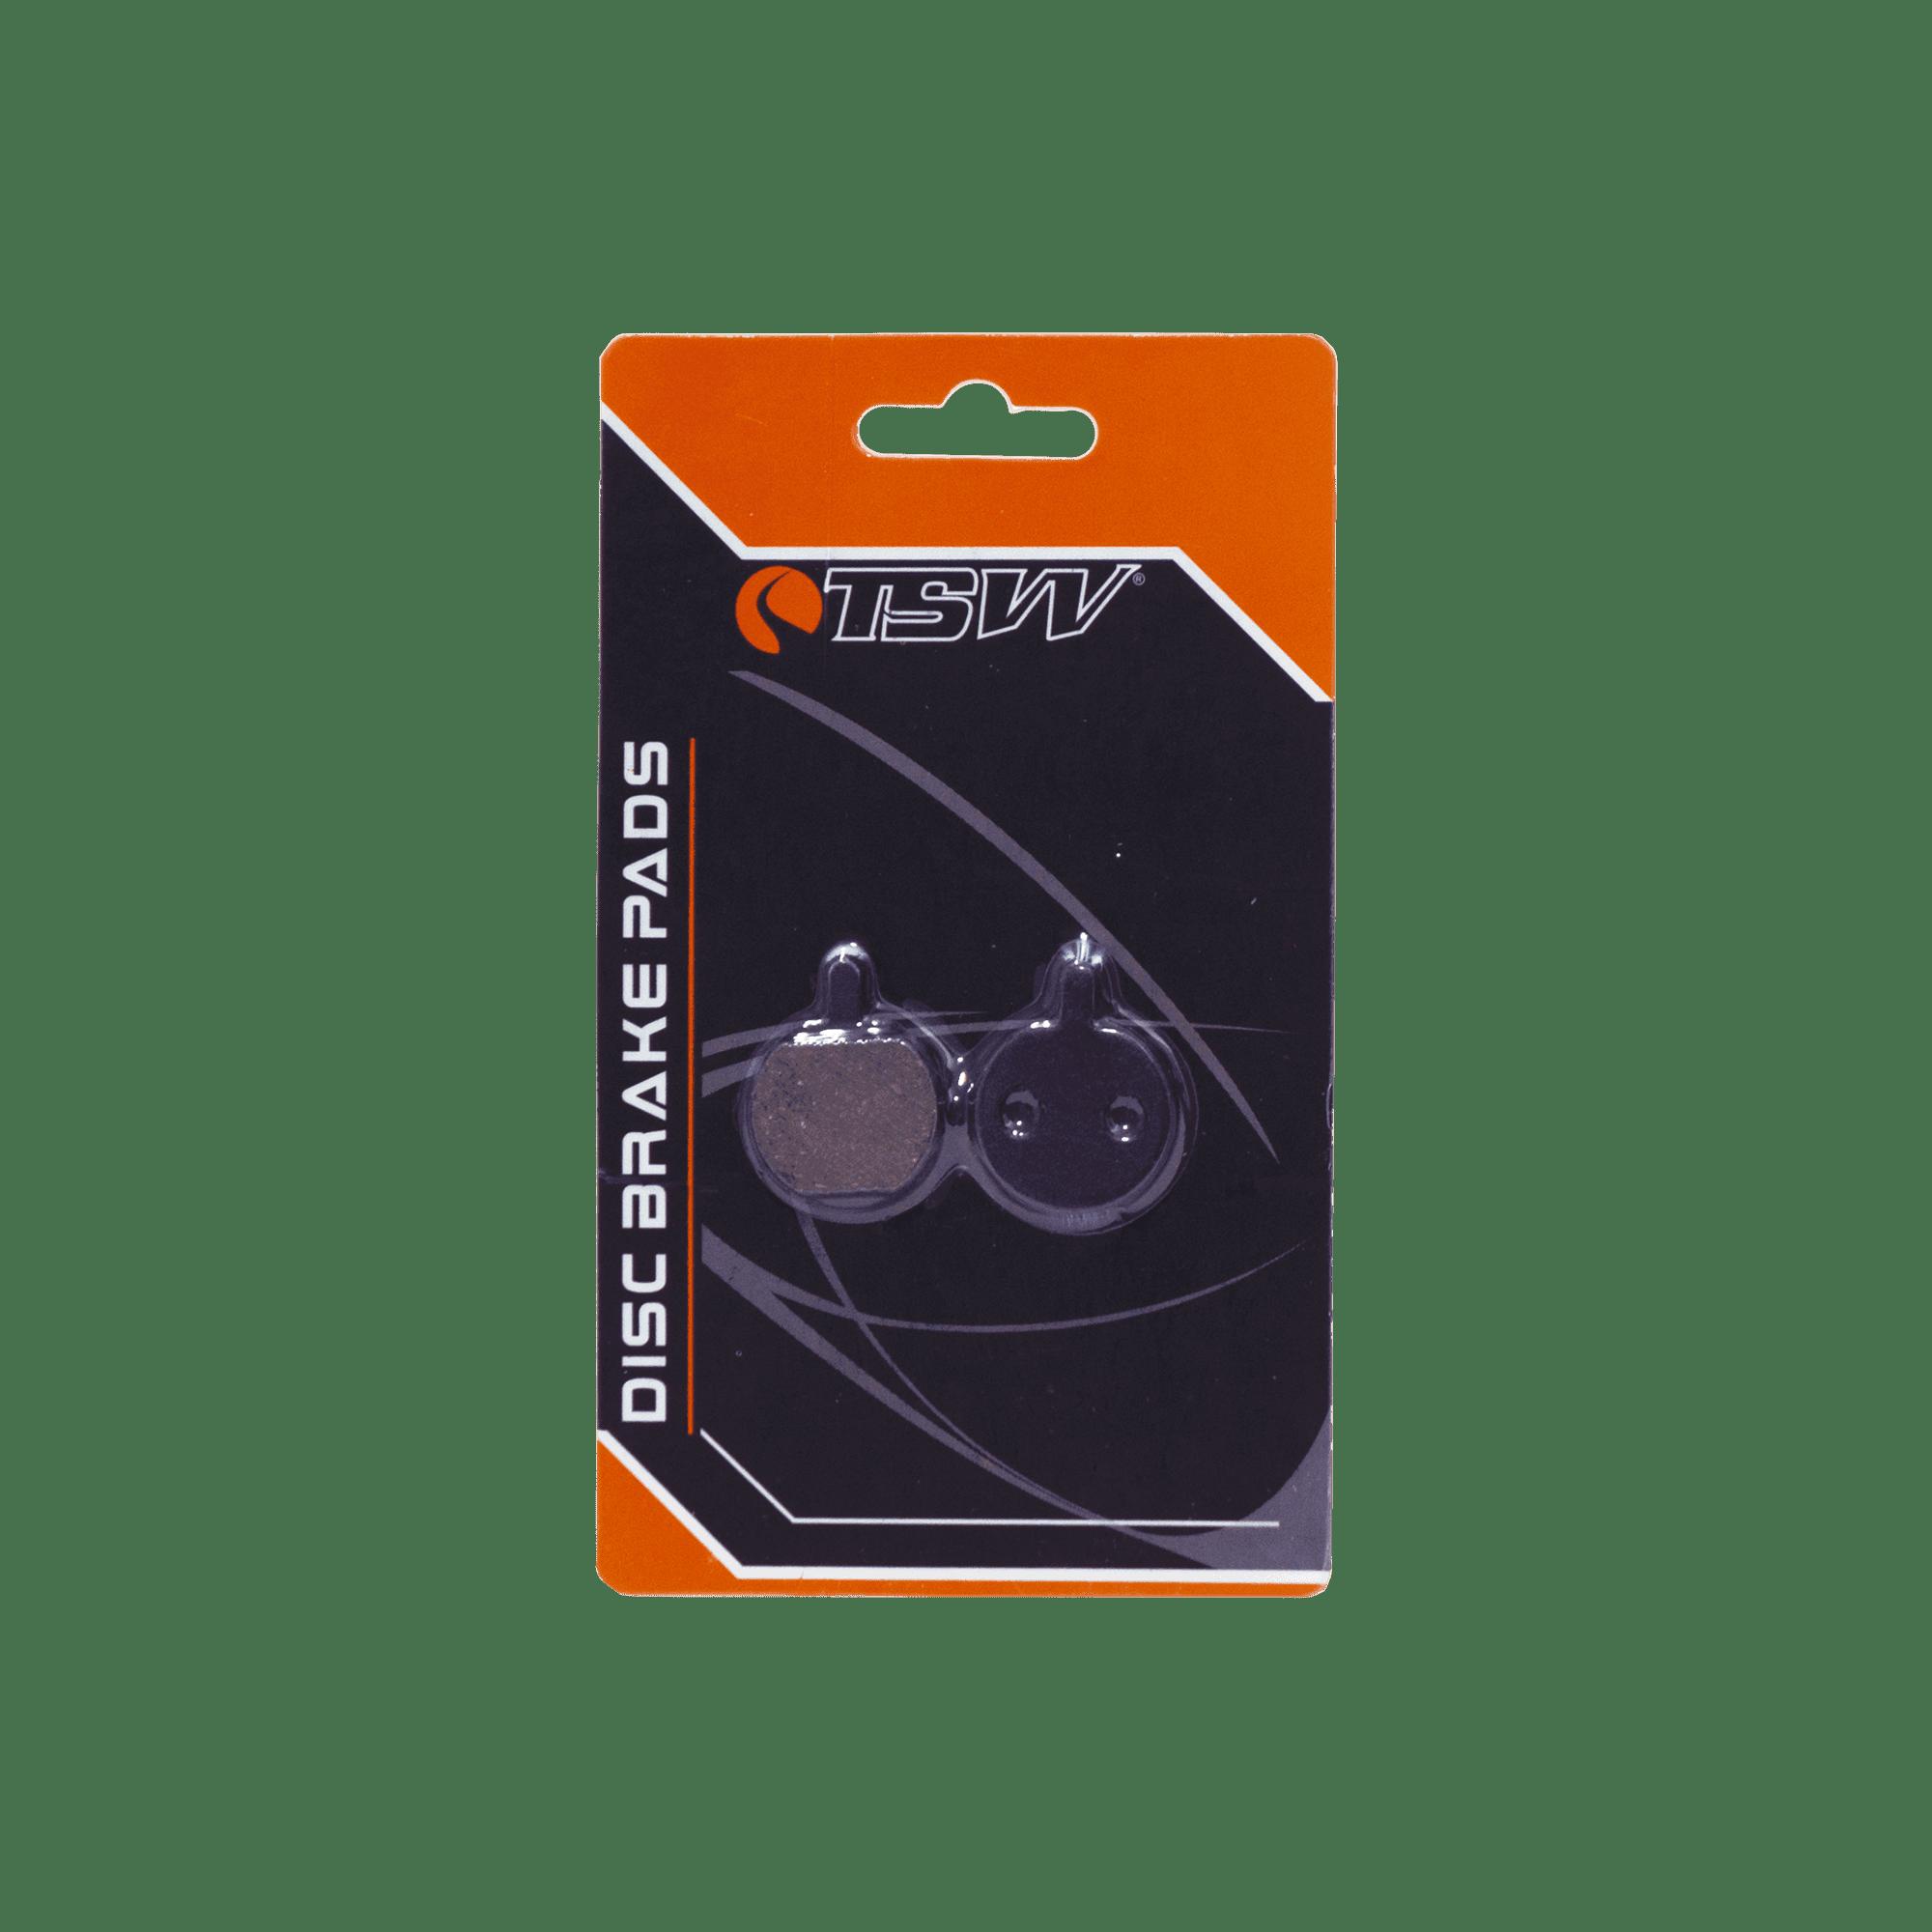 Pastilha disc brake RD2 3